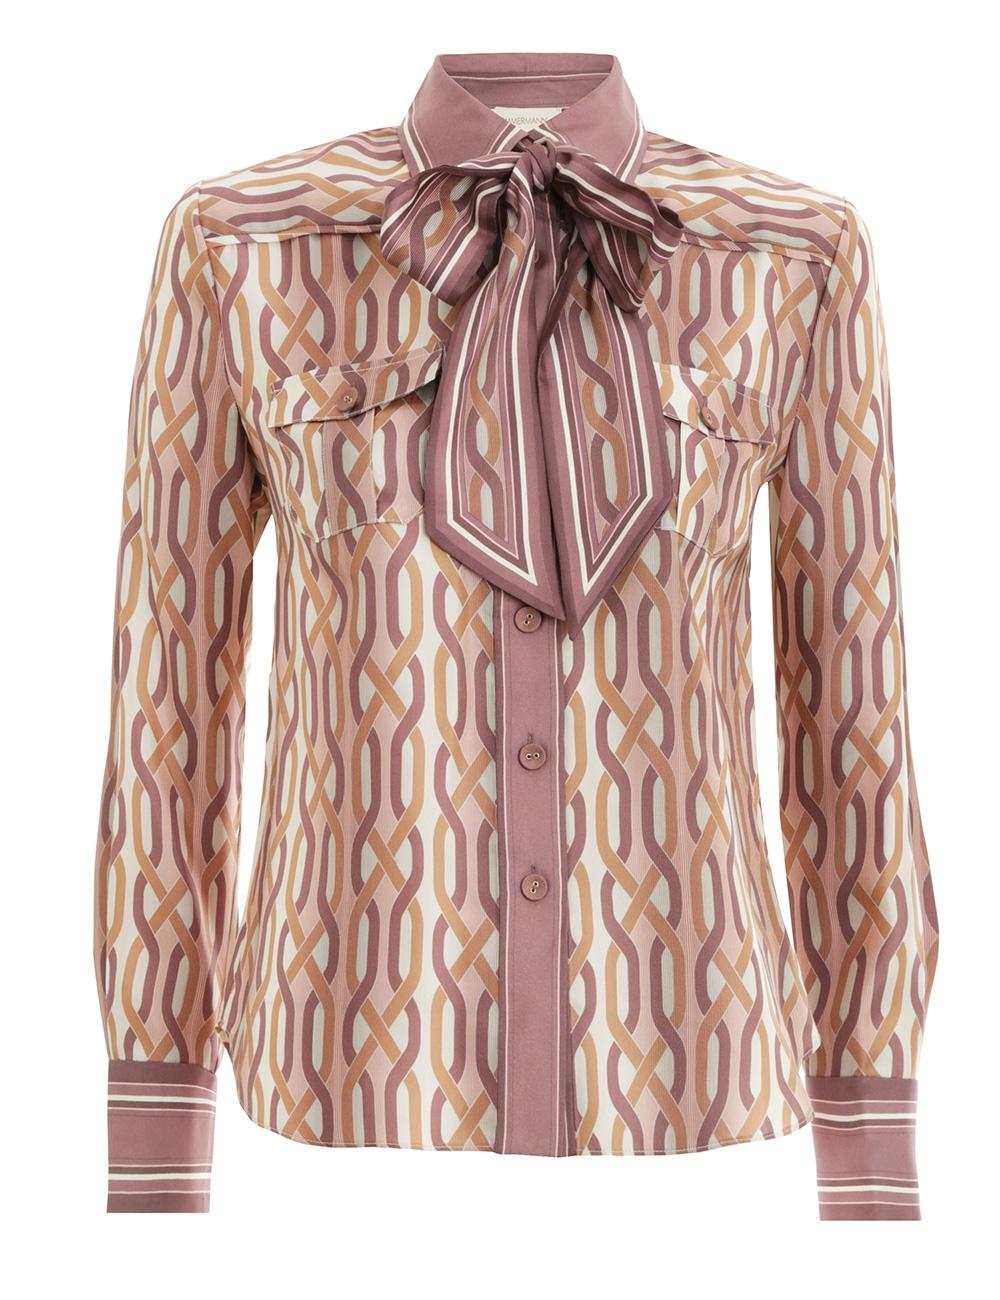 Super Eight Tie Shirt